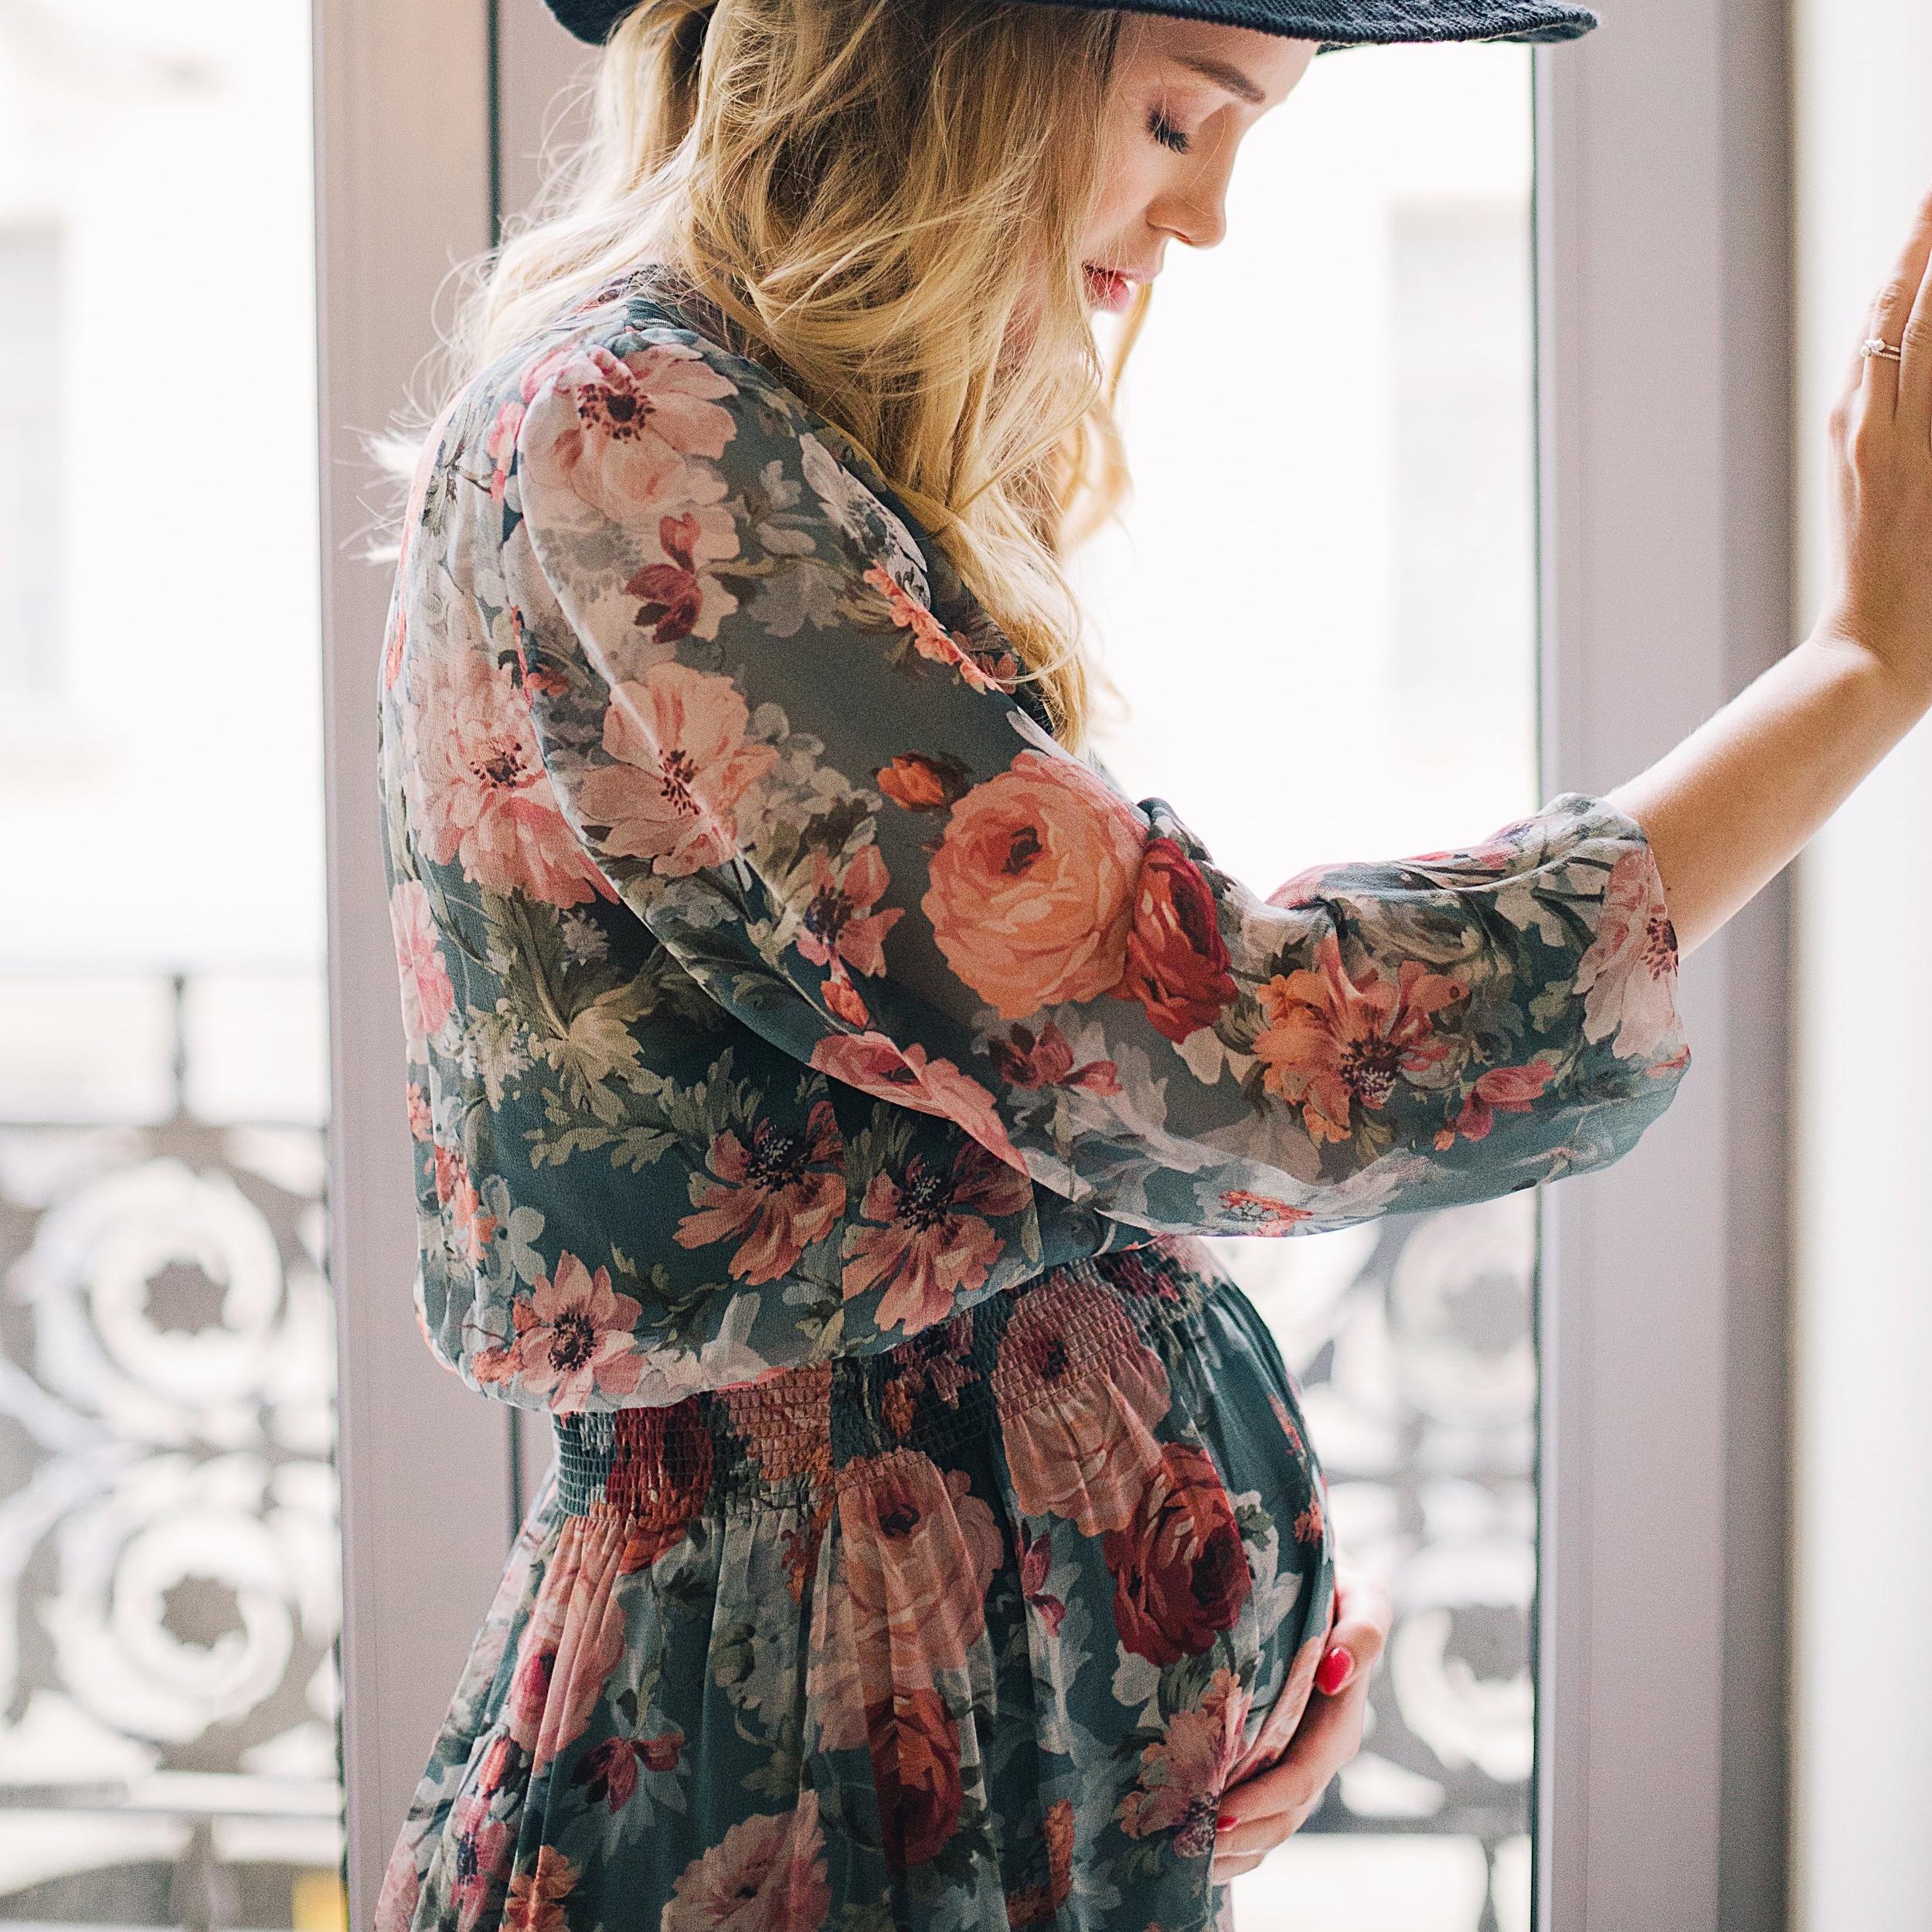 Pregnancy & Labor